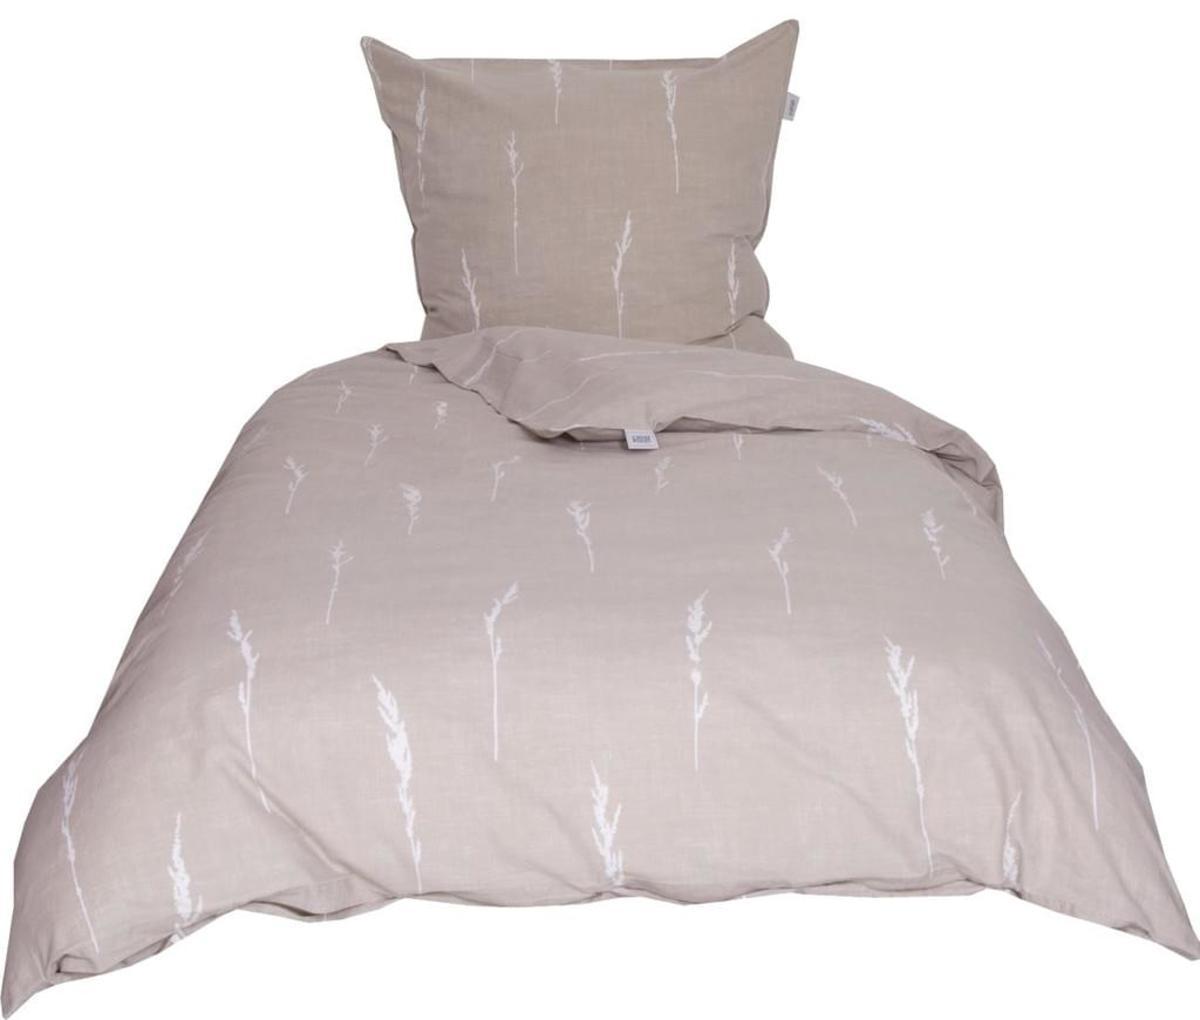 Bild 5 von Schöner Wohnen Bettwäsche, Gras-B, 135x200cm, beige